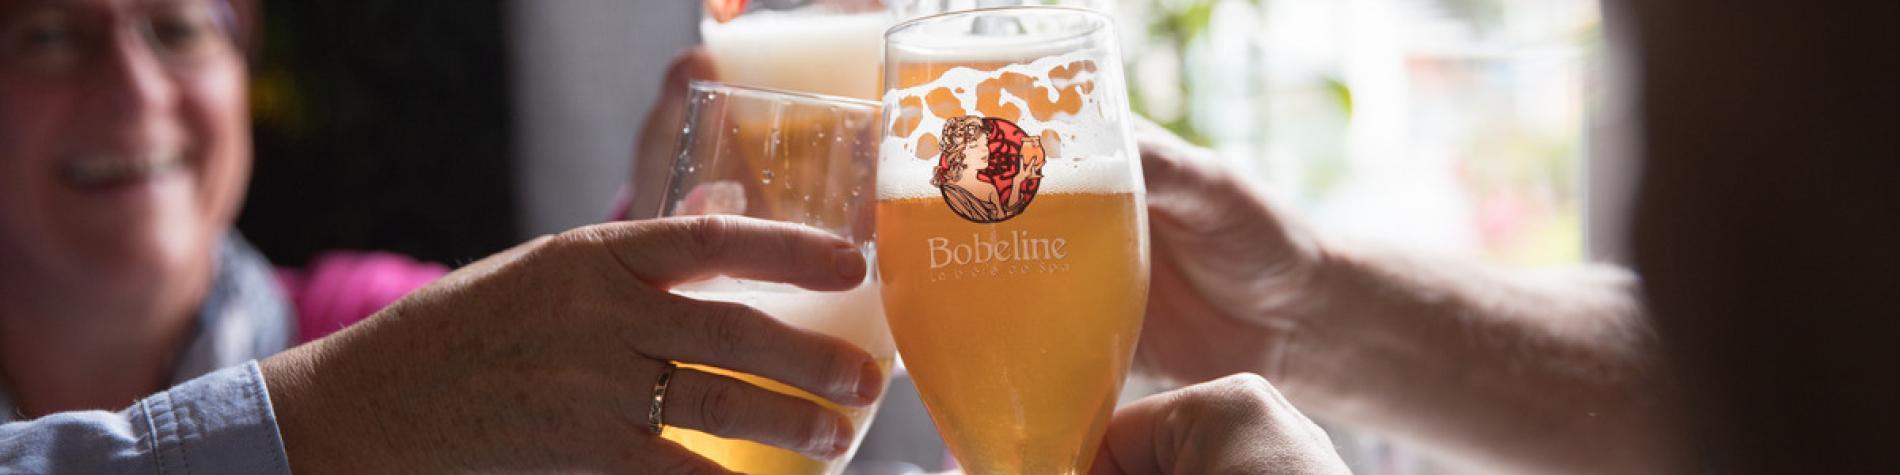 La Bobeline - Circuit de la bière - Discover Belgium